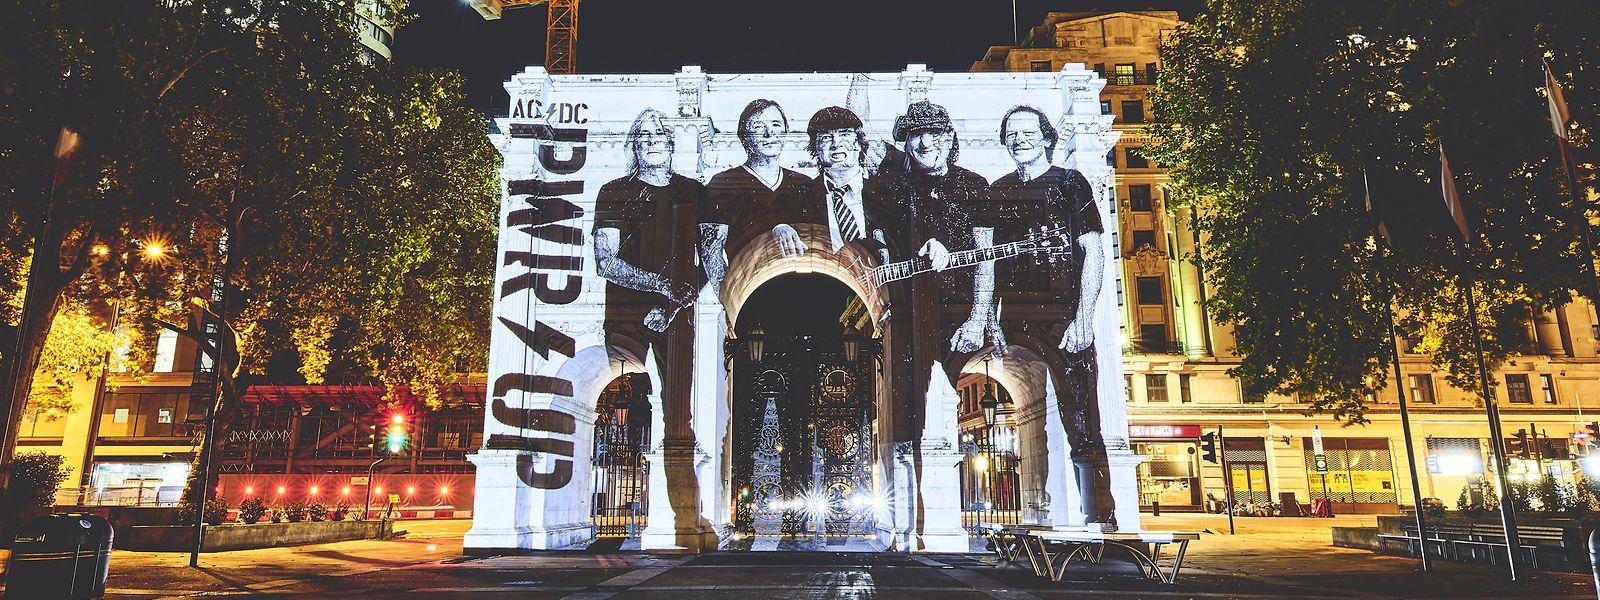 Spektakel am Marble Arch in London: AC/DC haben den Veröffentlichungstermin ihres 17. Albums bekannt gegeben.